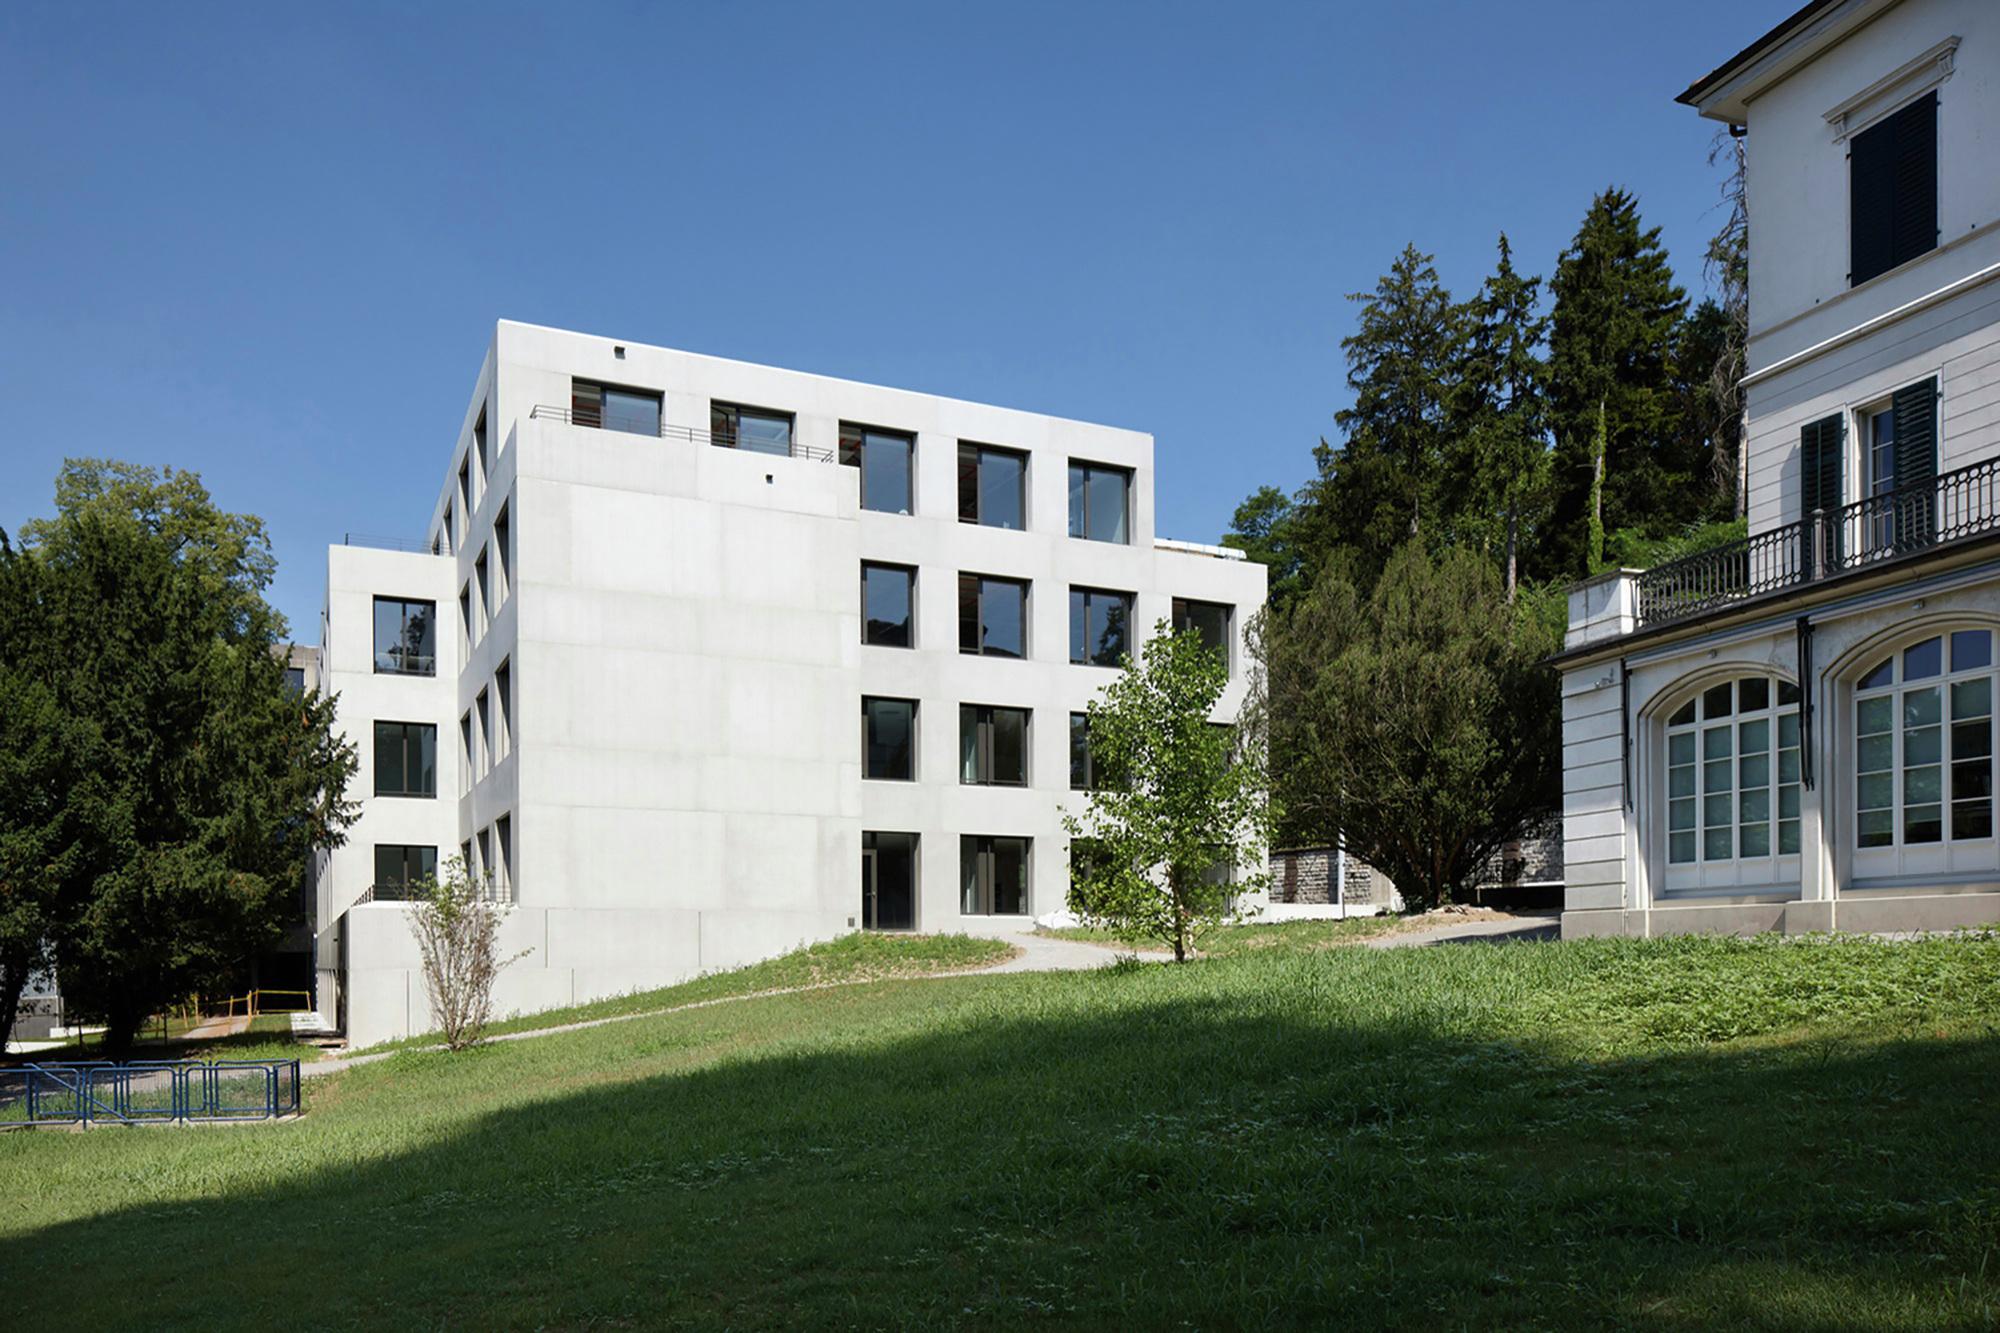 Kreuzb hl school extension fischer architekten archdaily - Fischer architekten ...